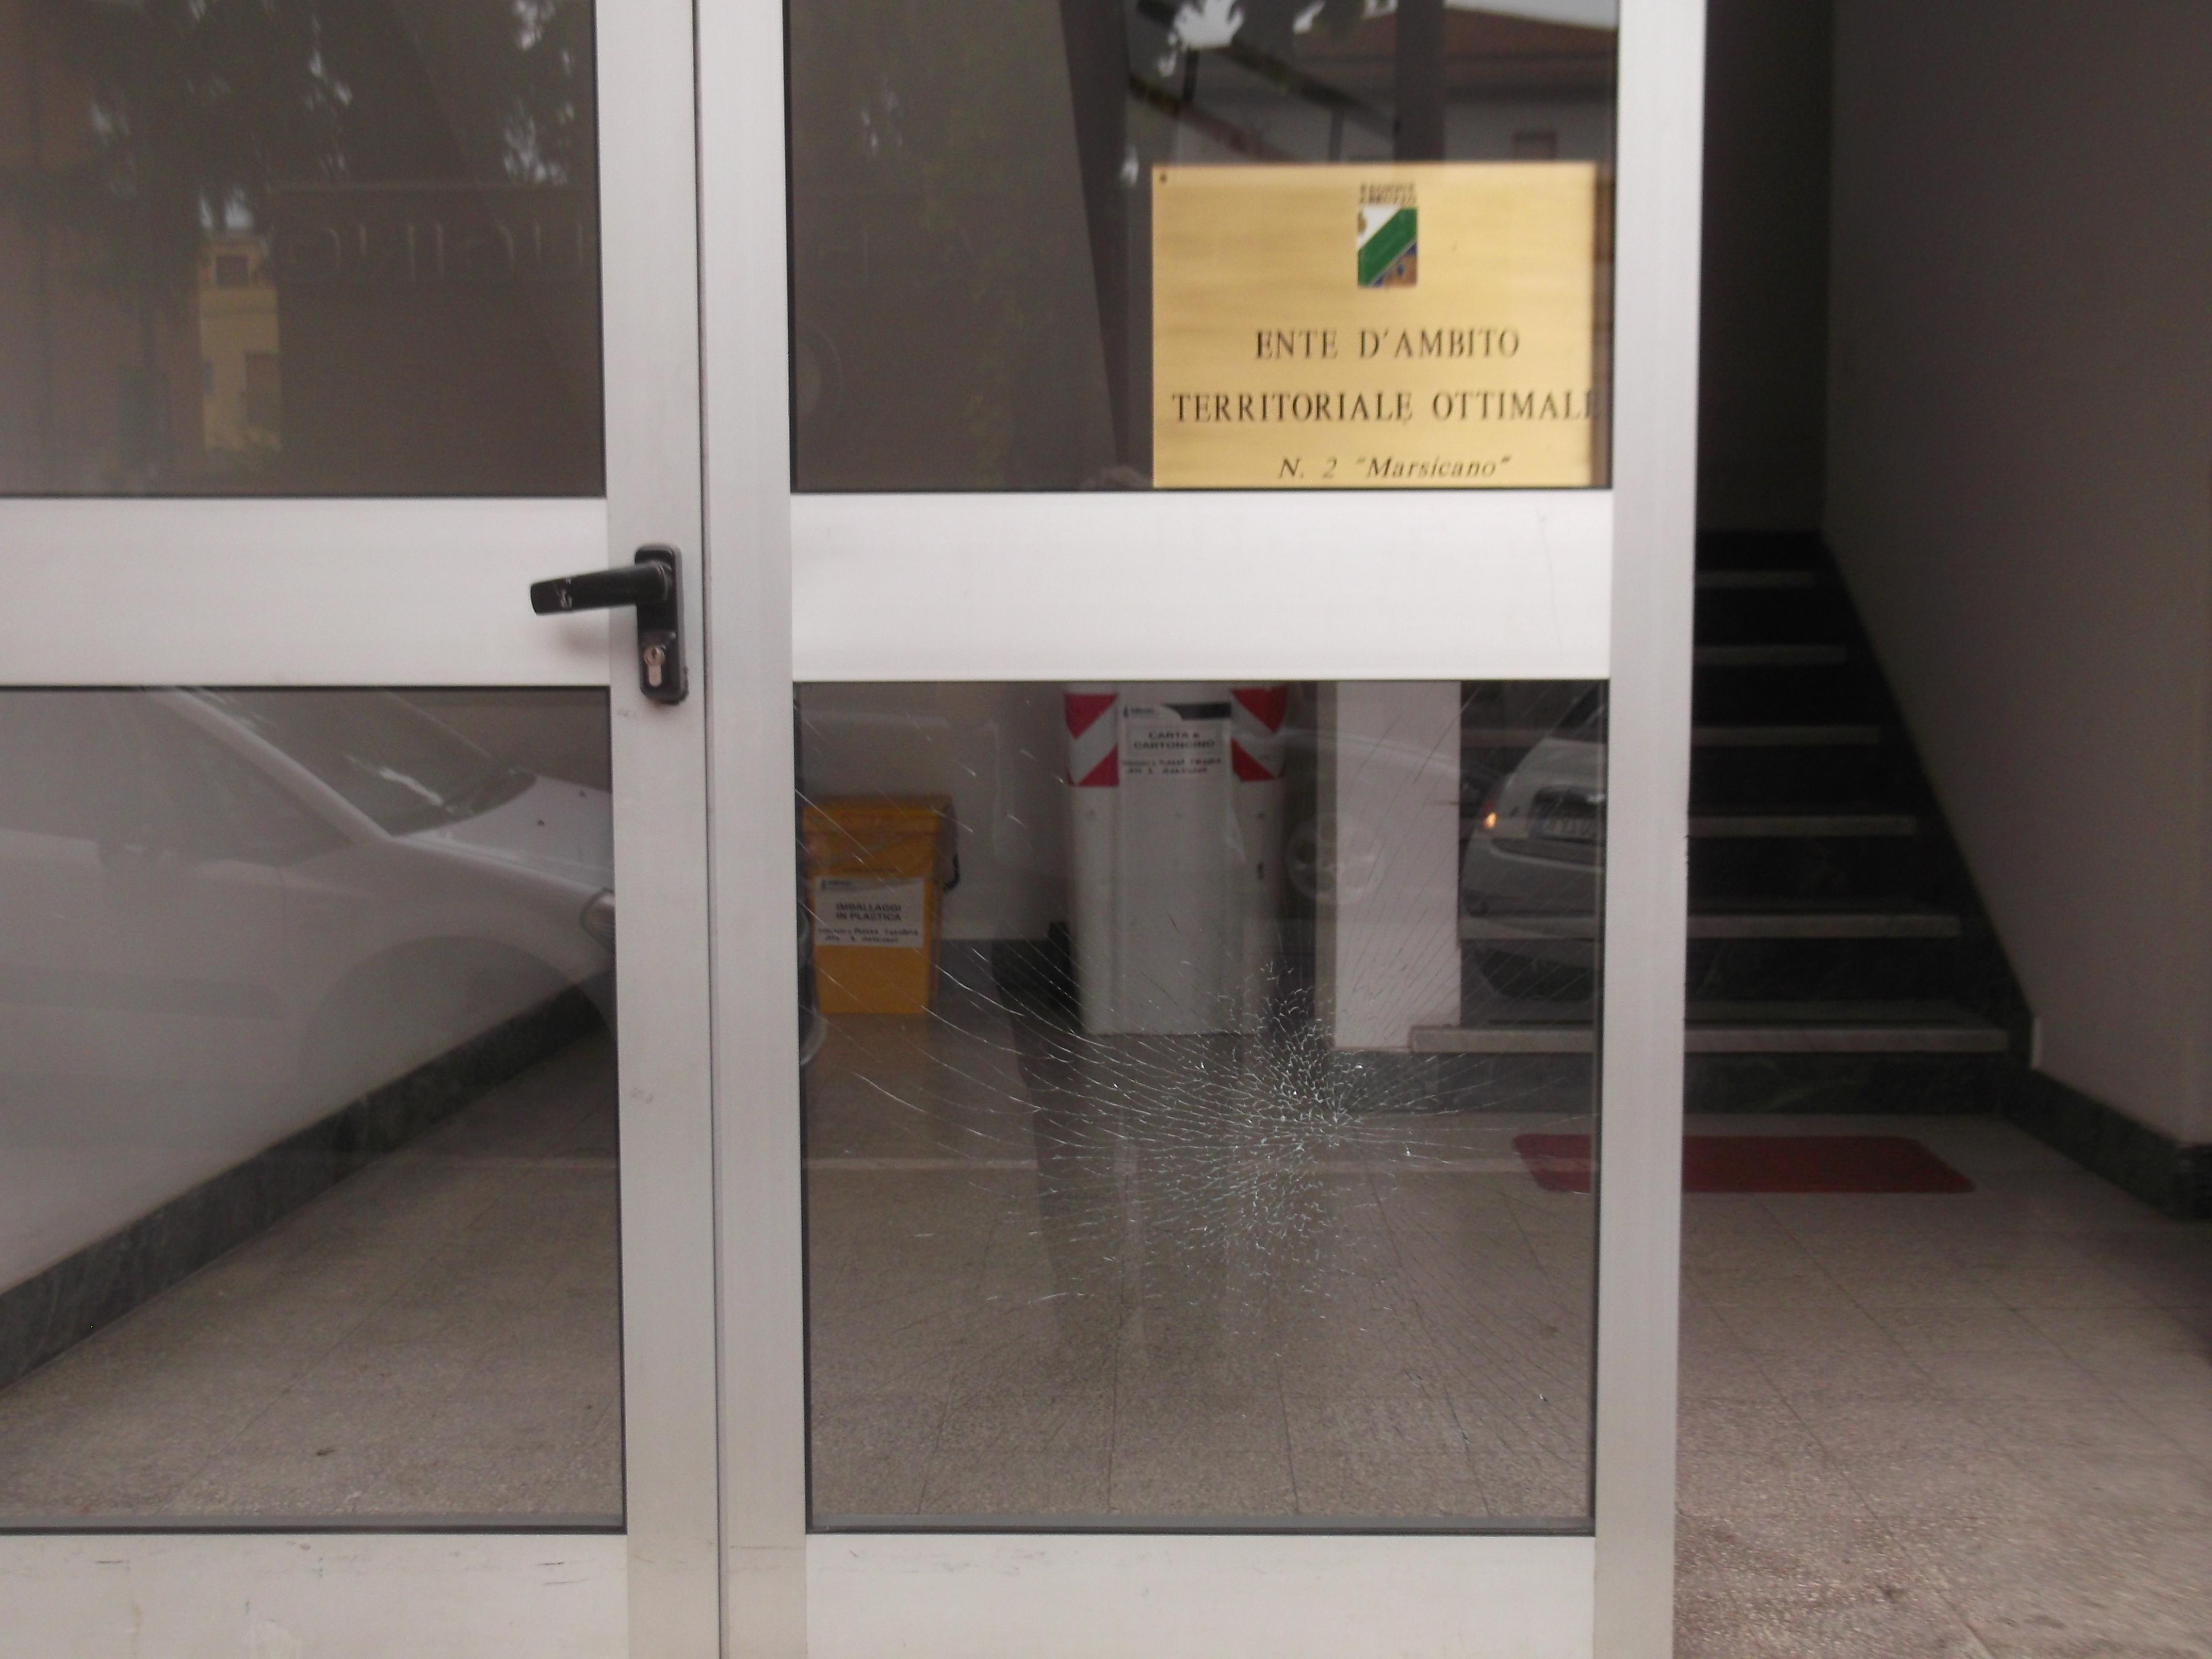 vetrata danneggiata ingresso ente d'ambito 2